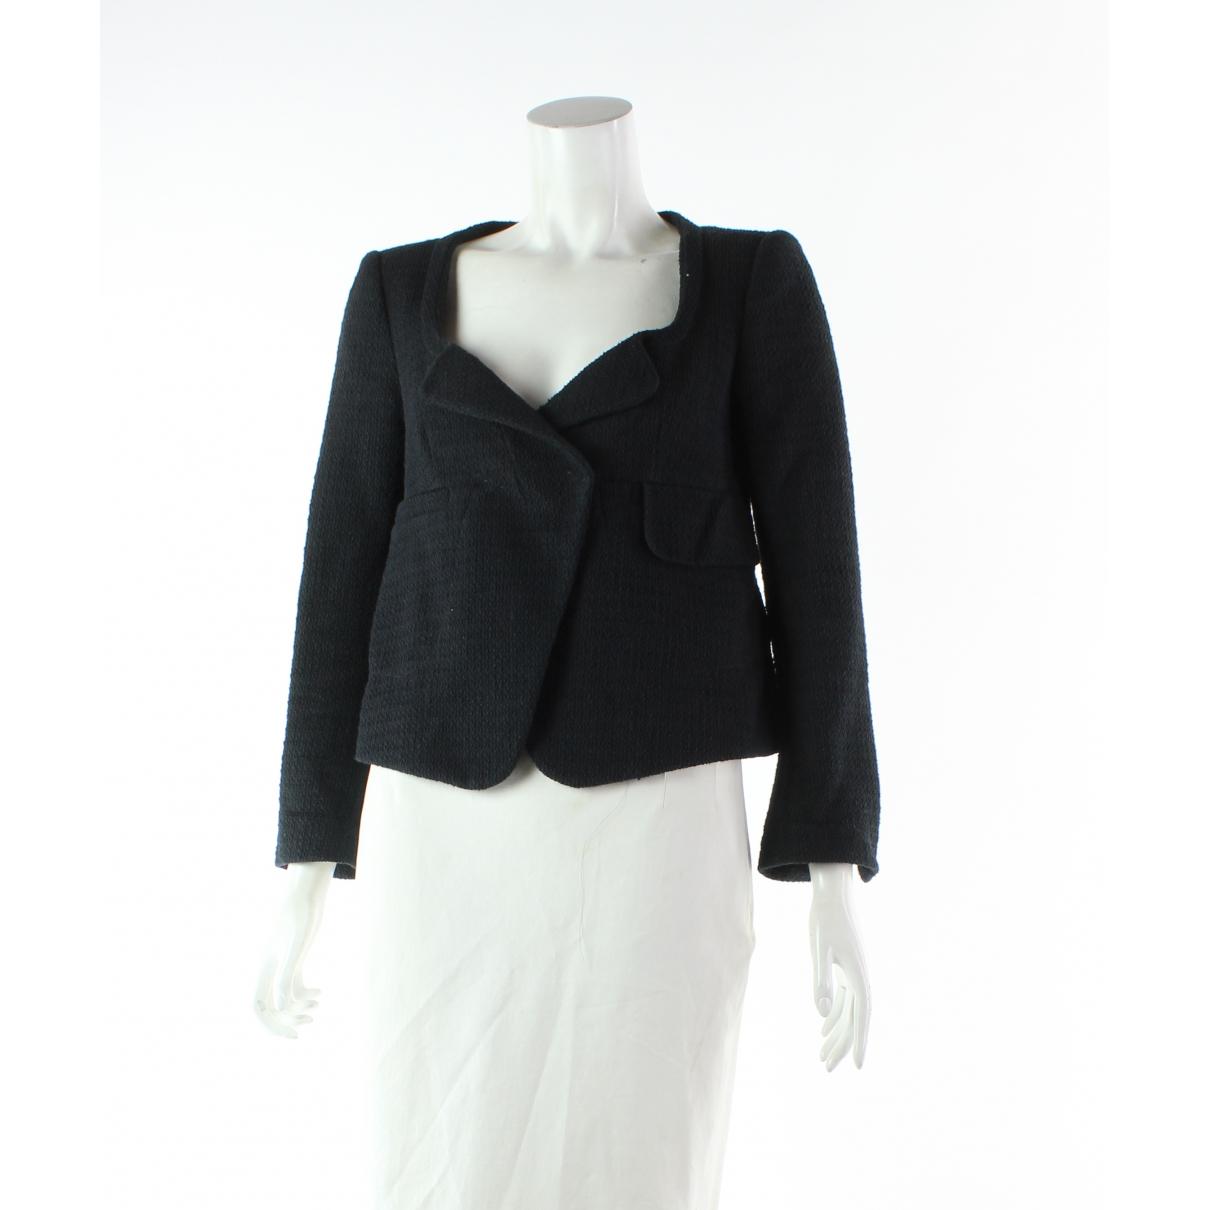 Carven \N Black Cotton jacket for Women 36 FR